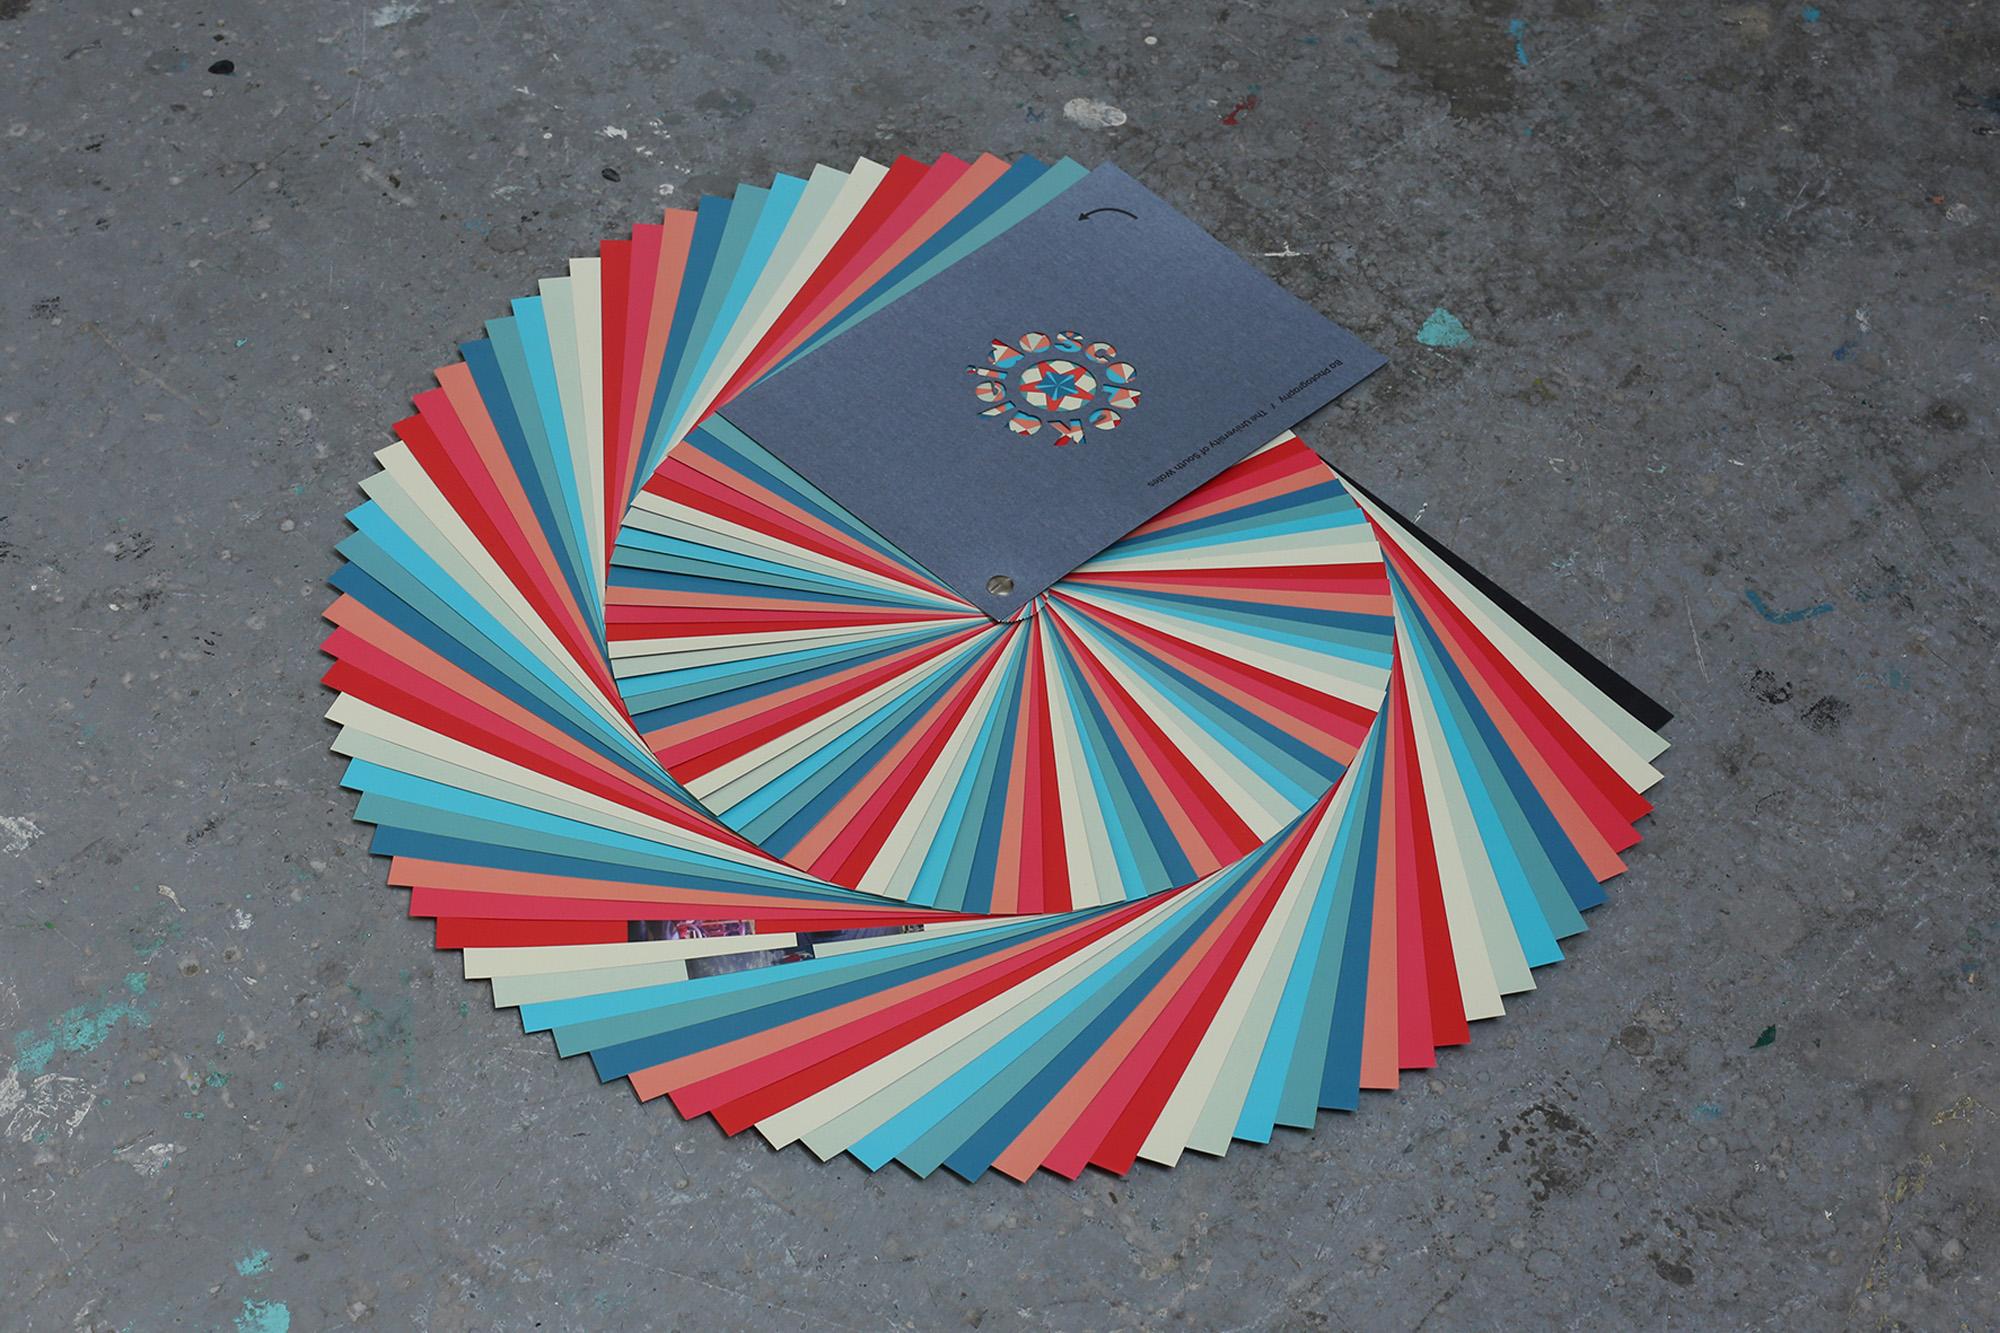 Kaleidoscope-VIII